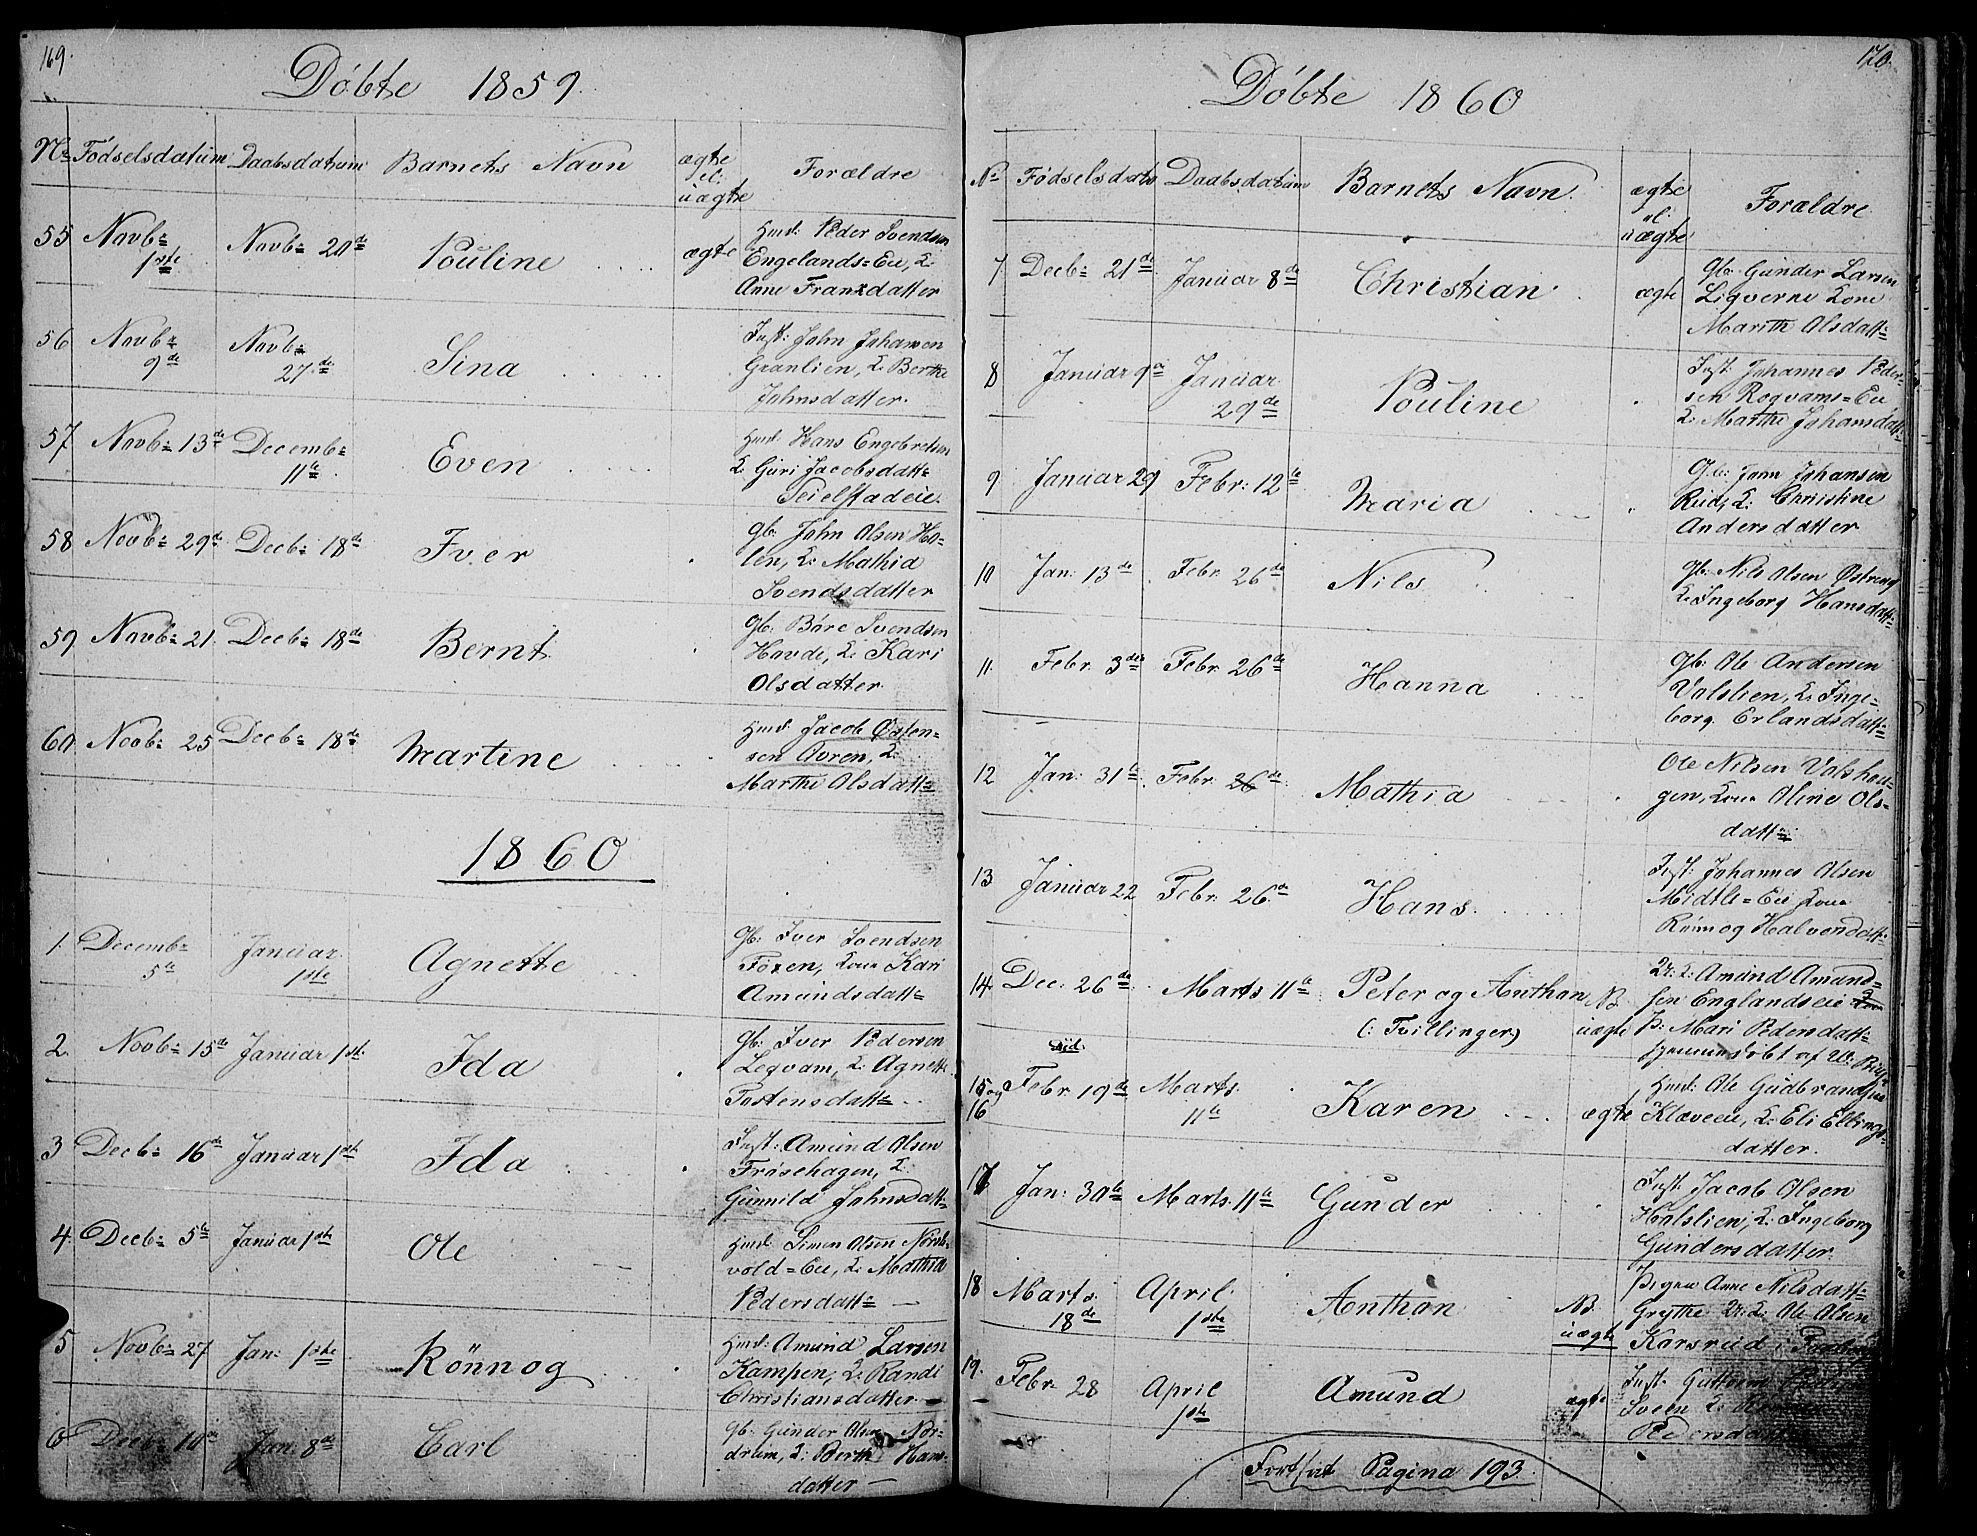 SAH, Gausdal prestekontor, Klokkerbok nr. 3, 1829-1864, s. 169-170